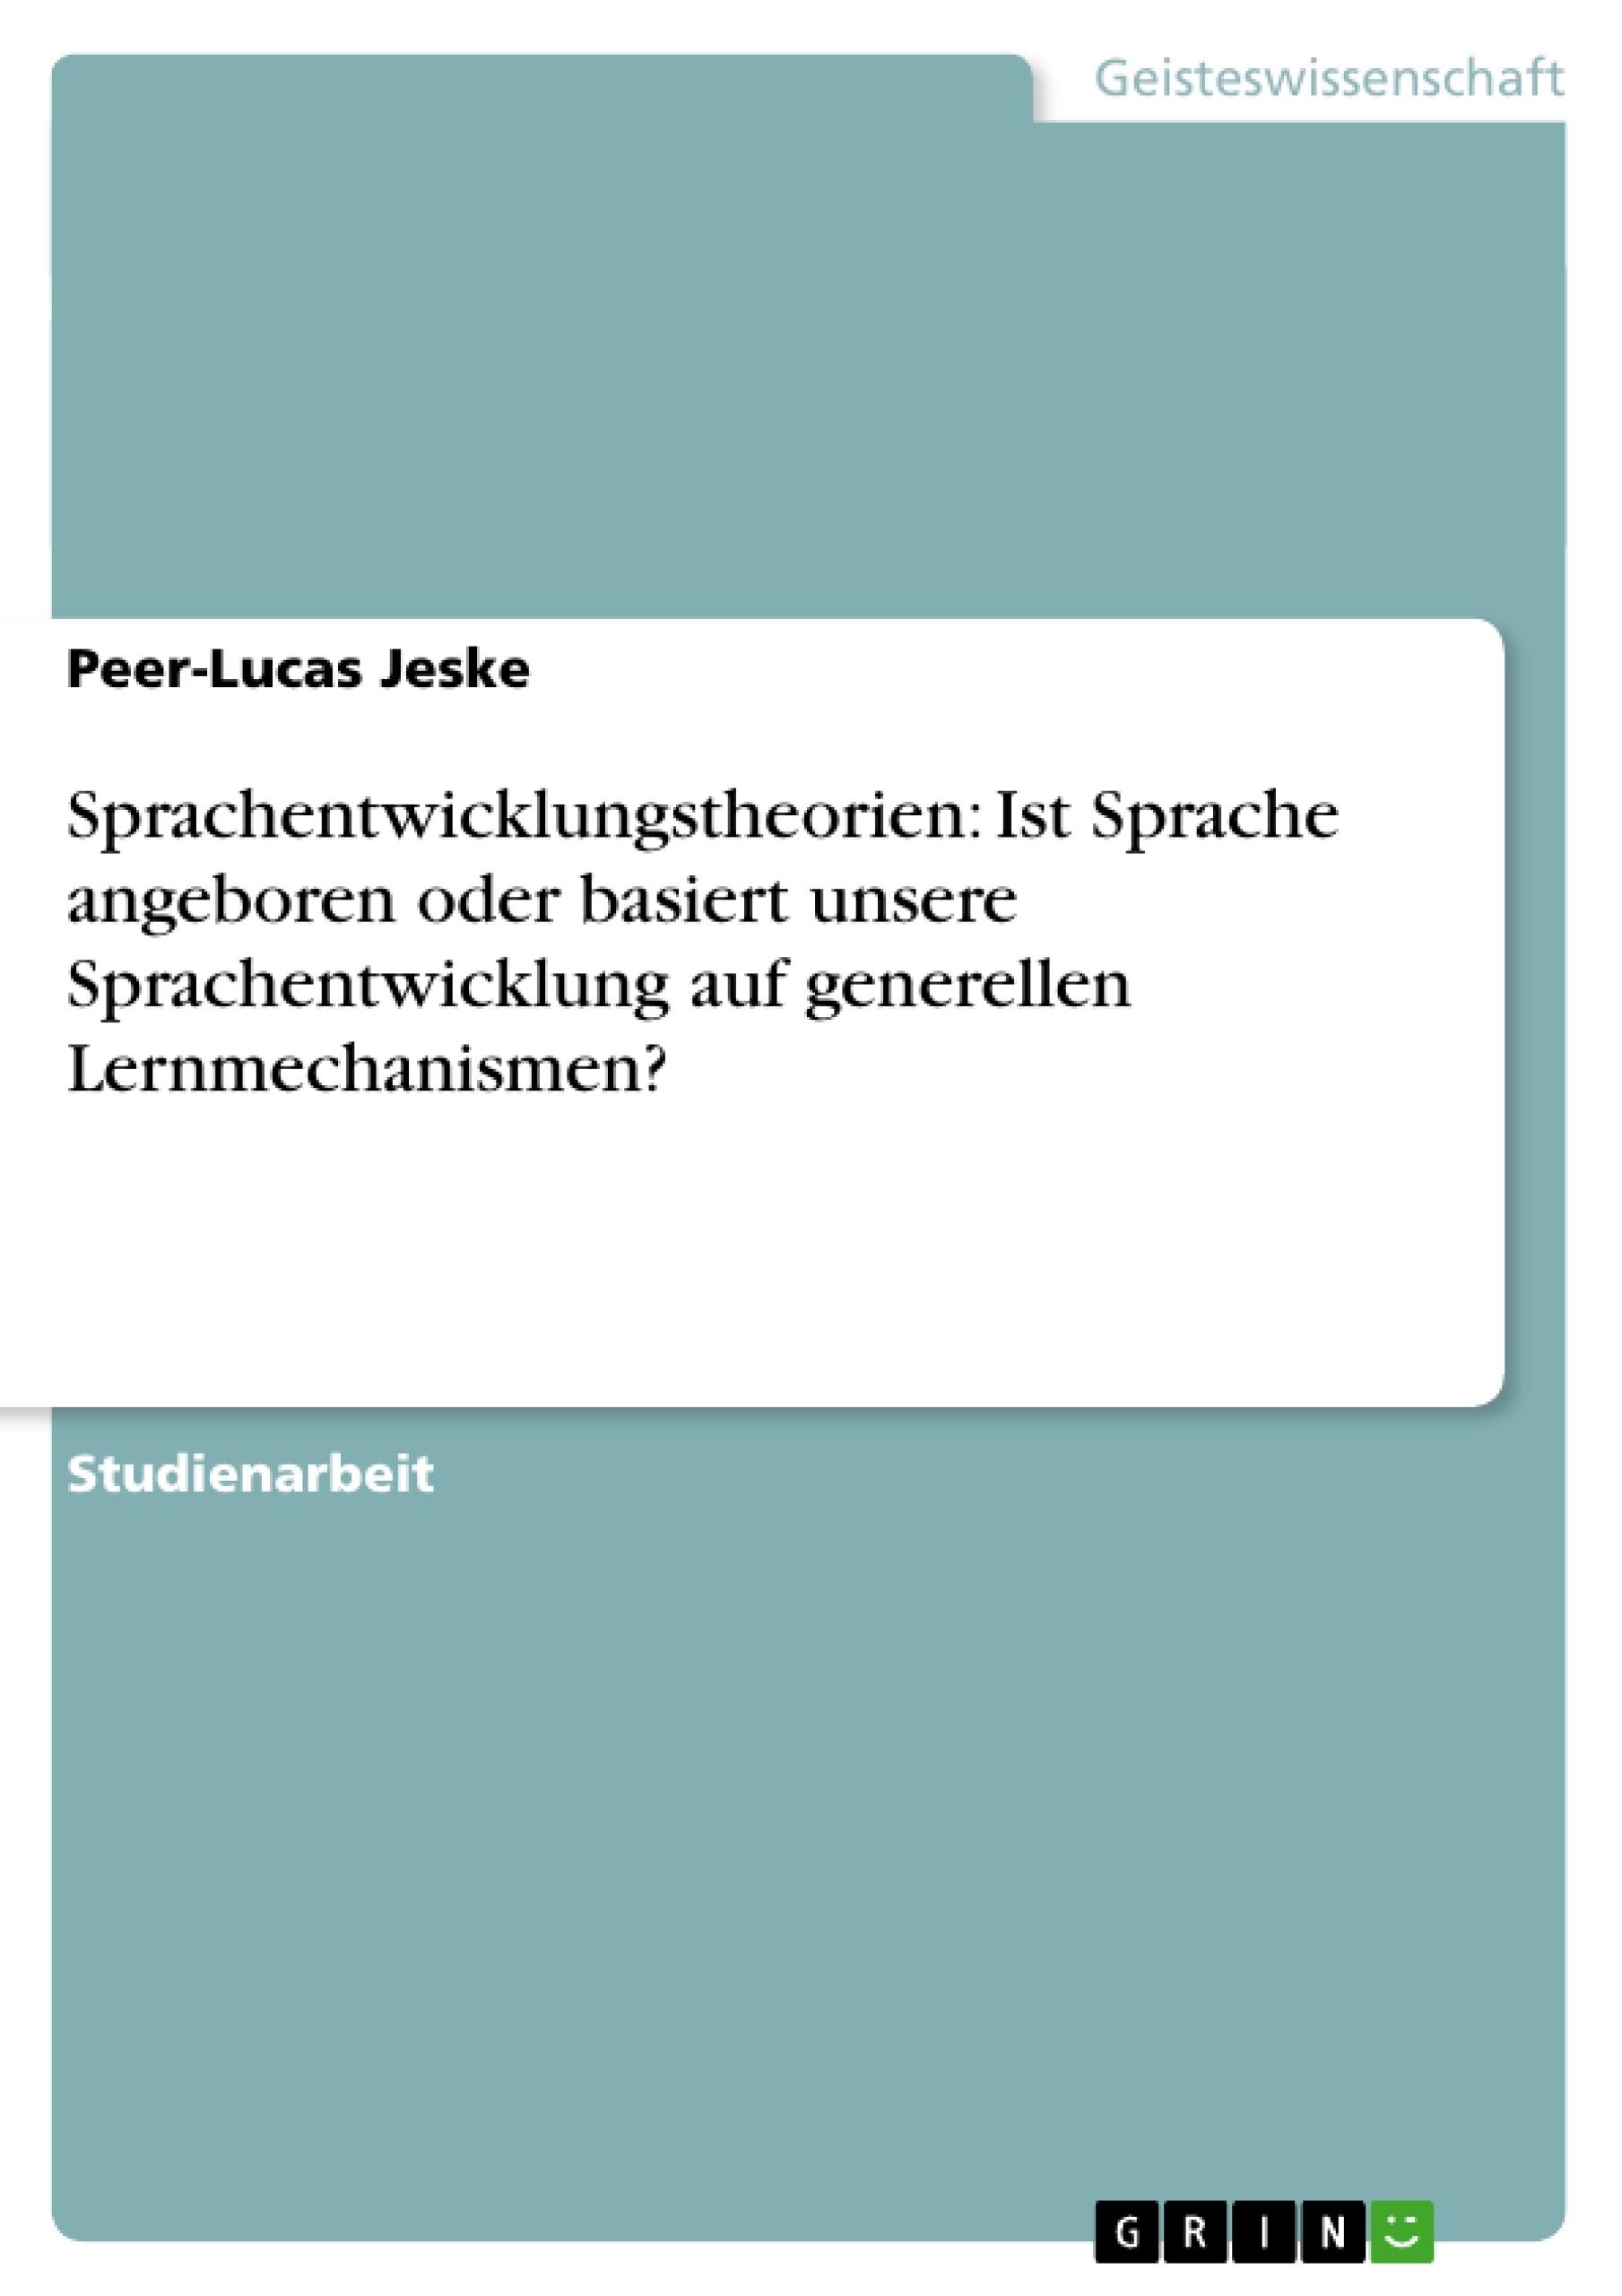 Titel: Sprachentwicklungstheorien: Ist Sprache angeboren oder basiert unsere Sprachentwicklung auf generellen Lernmechanismen?